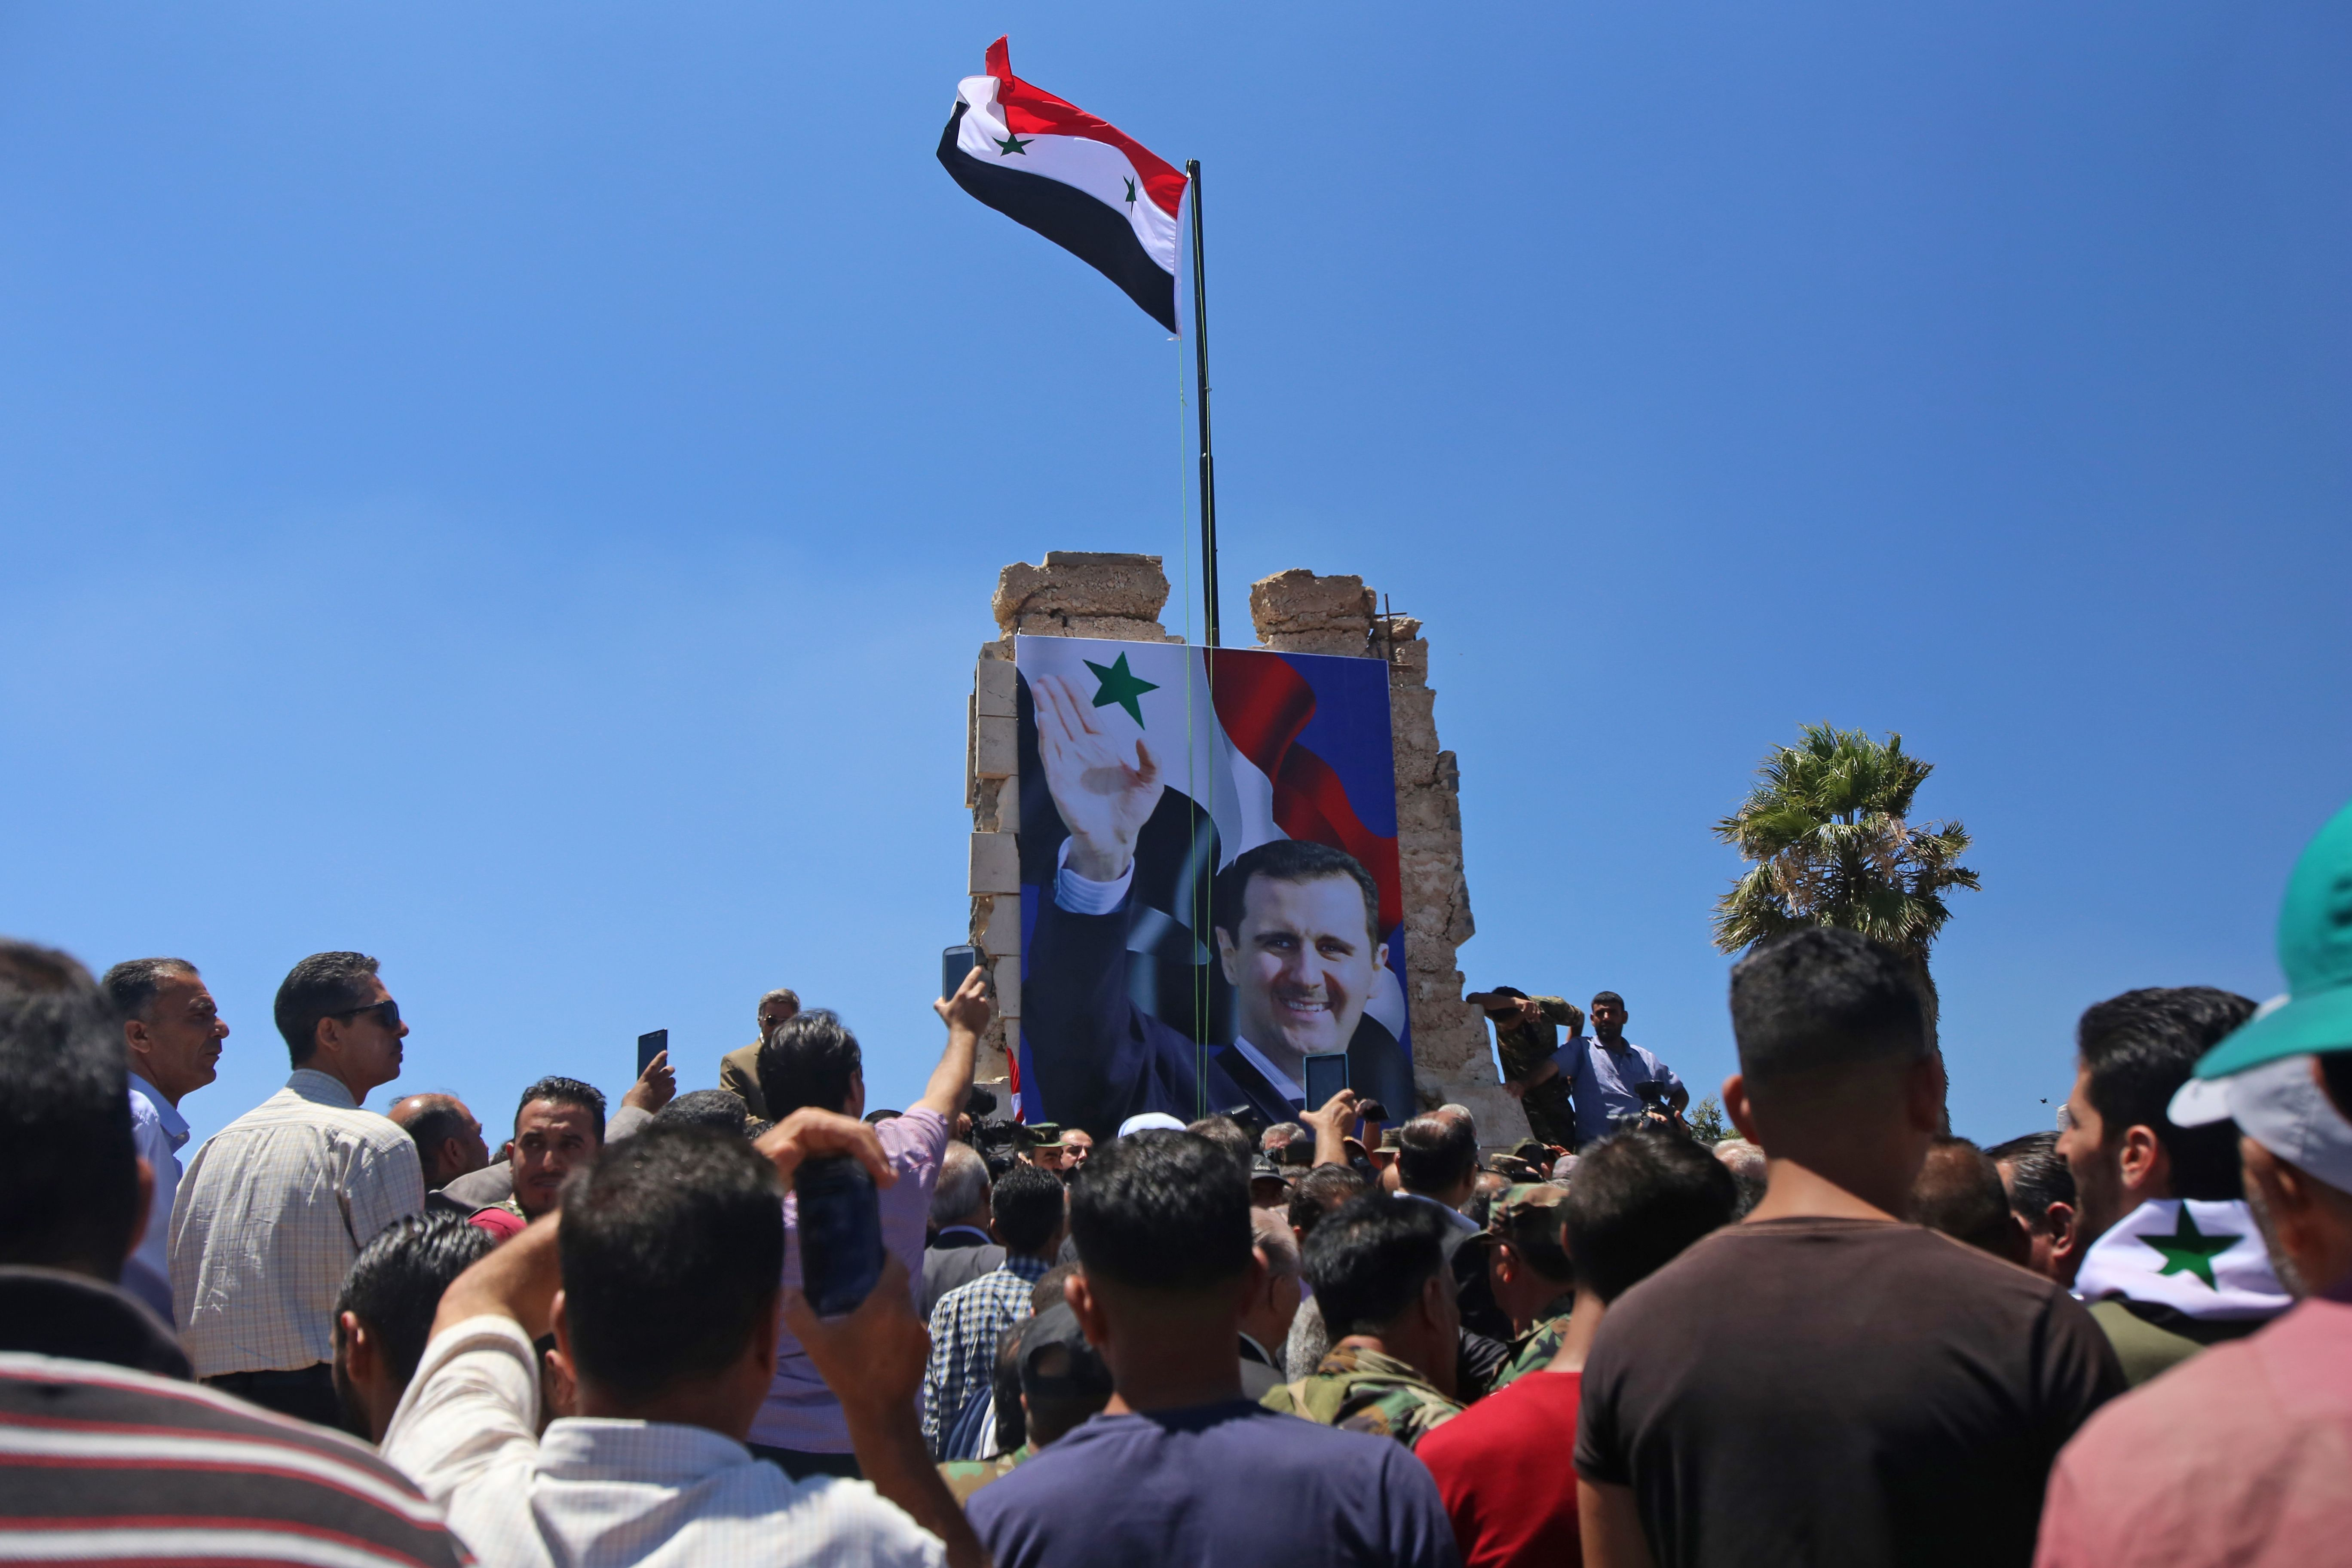 صور بشار الأسد خلال الاحتفالات